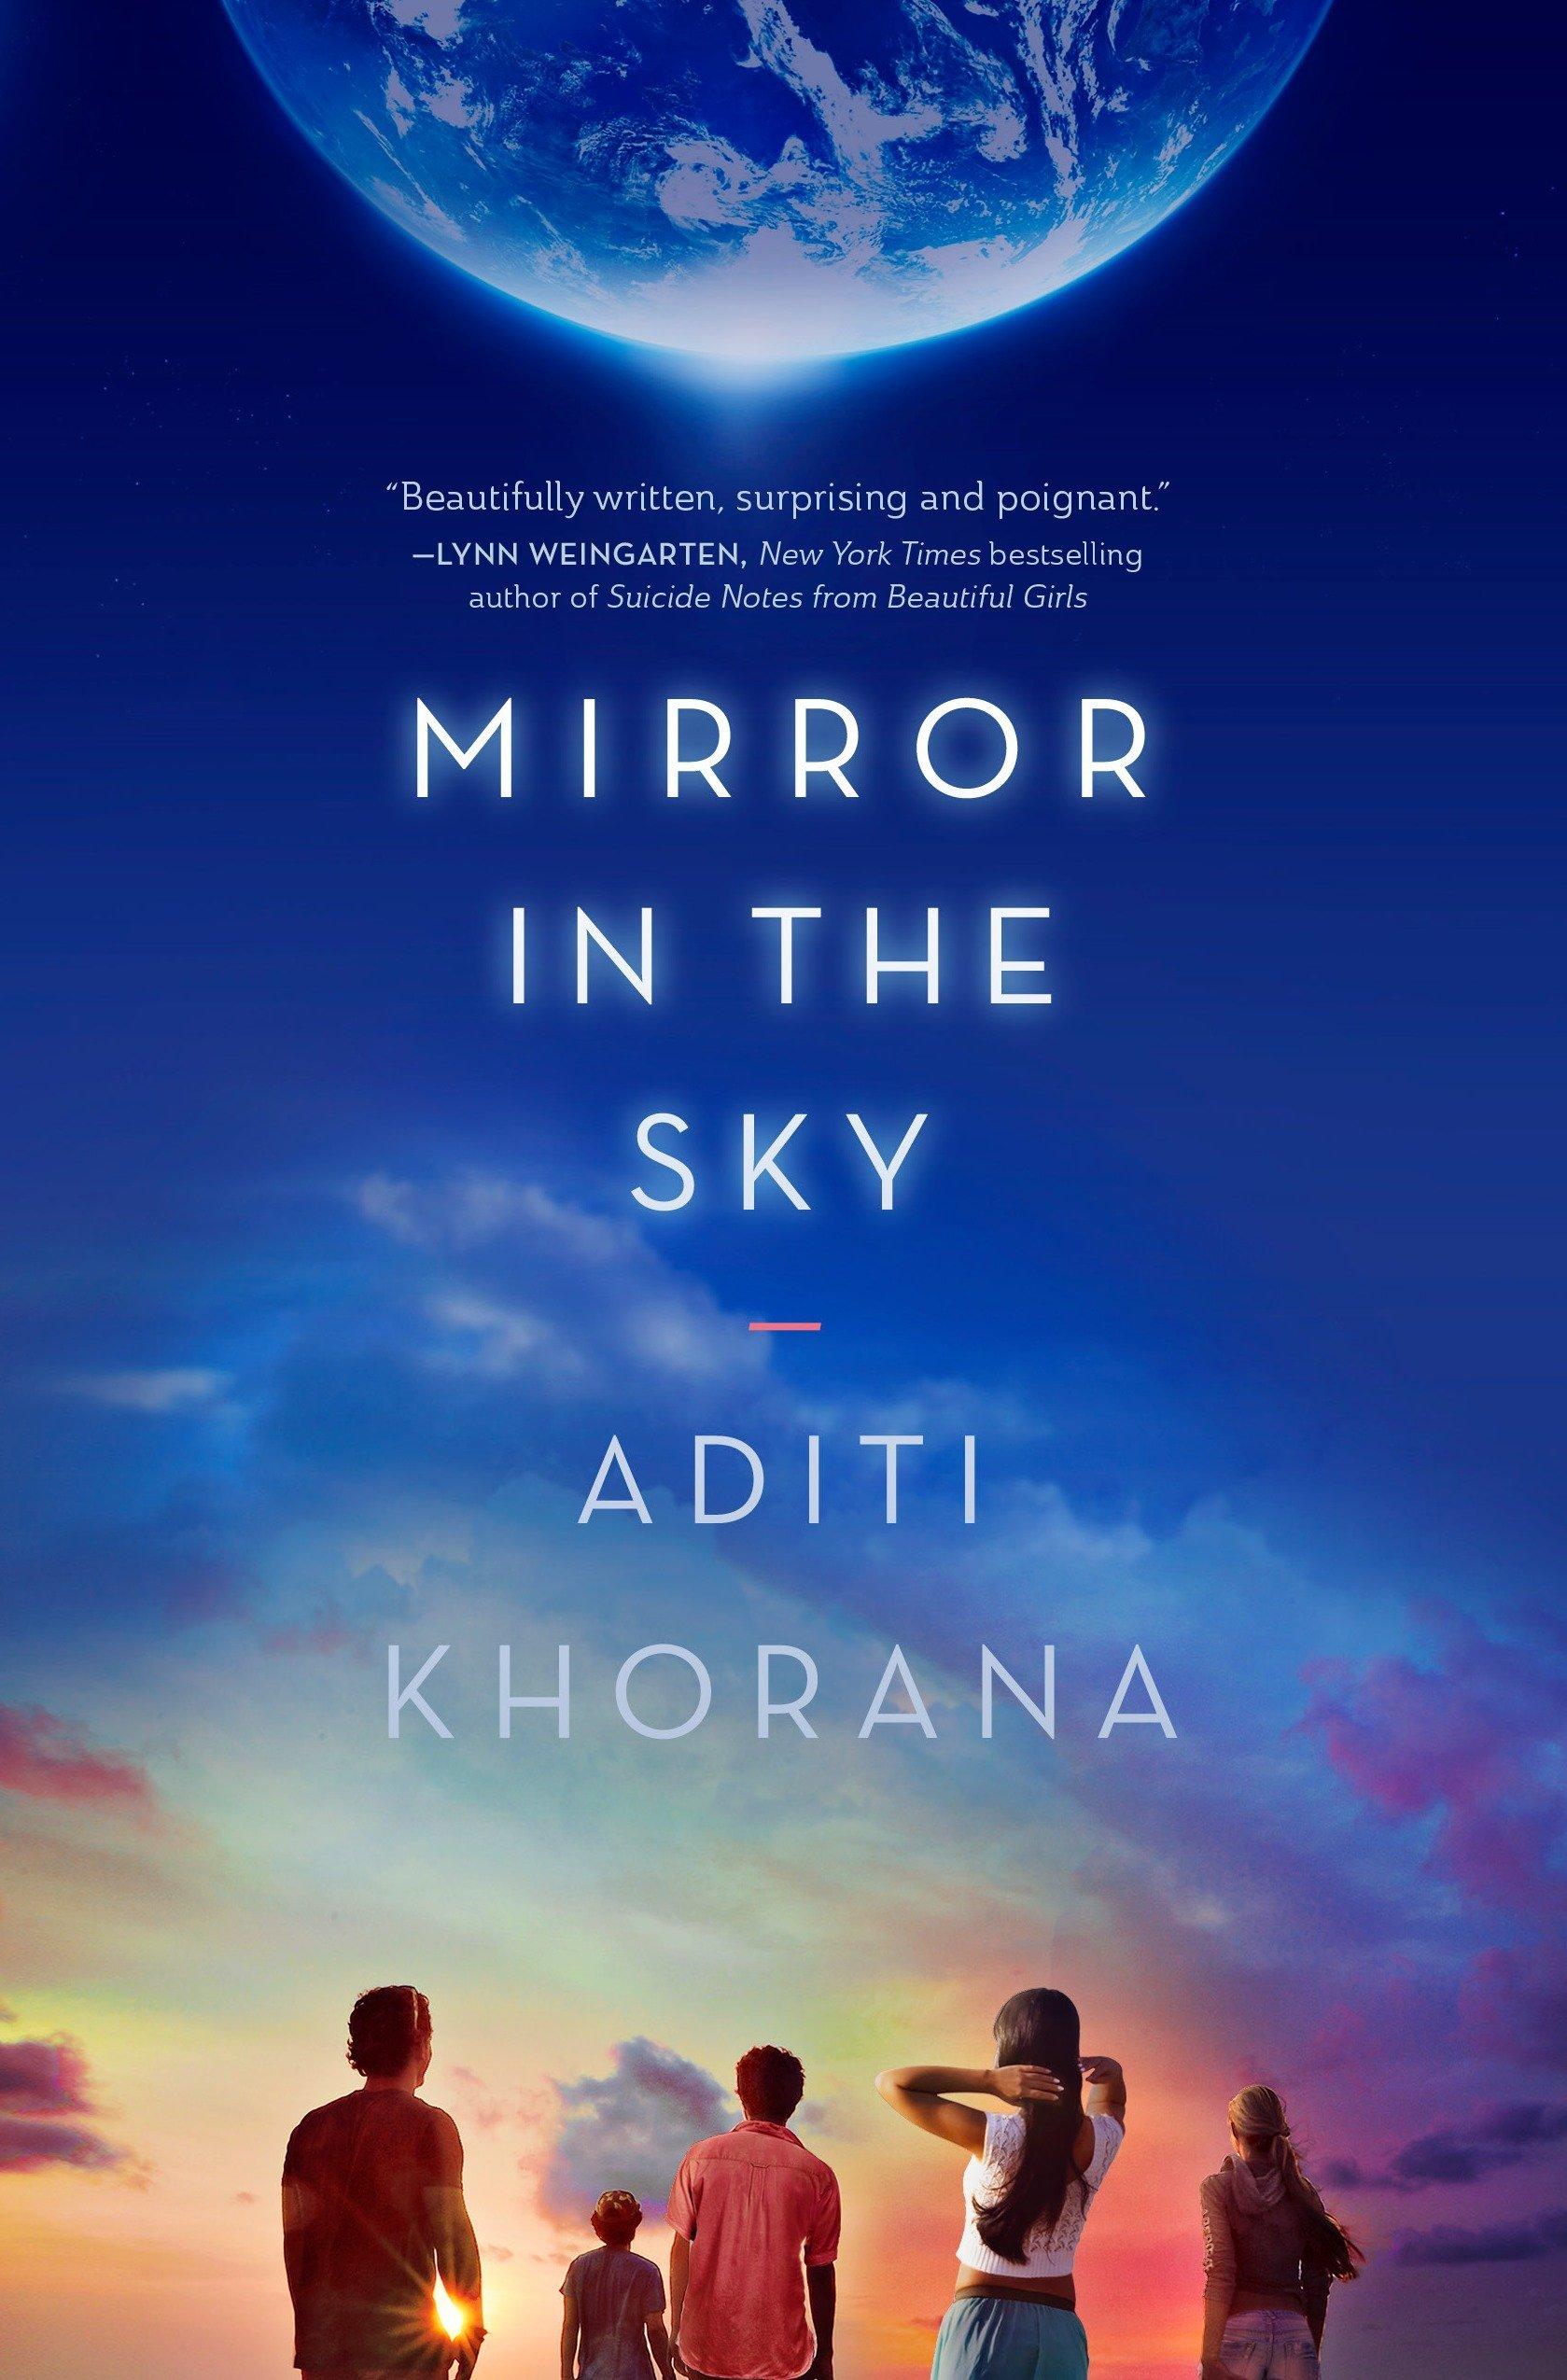 Amazon.com: Mirror in the Sky (9781595148575): Khorana, Aditi: Books